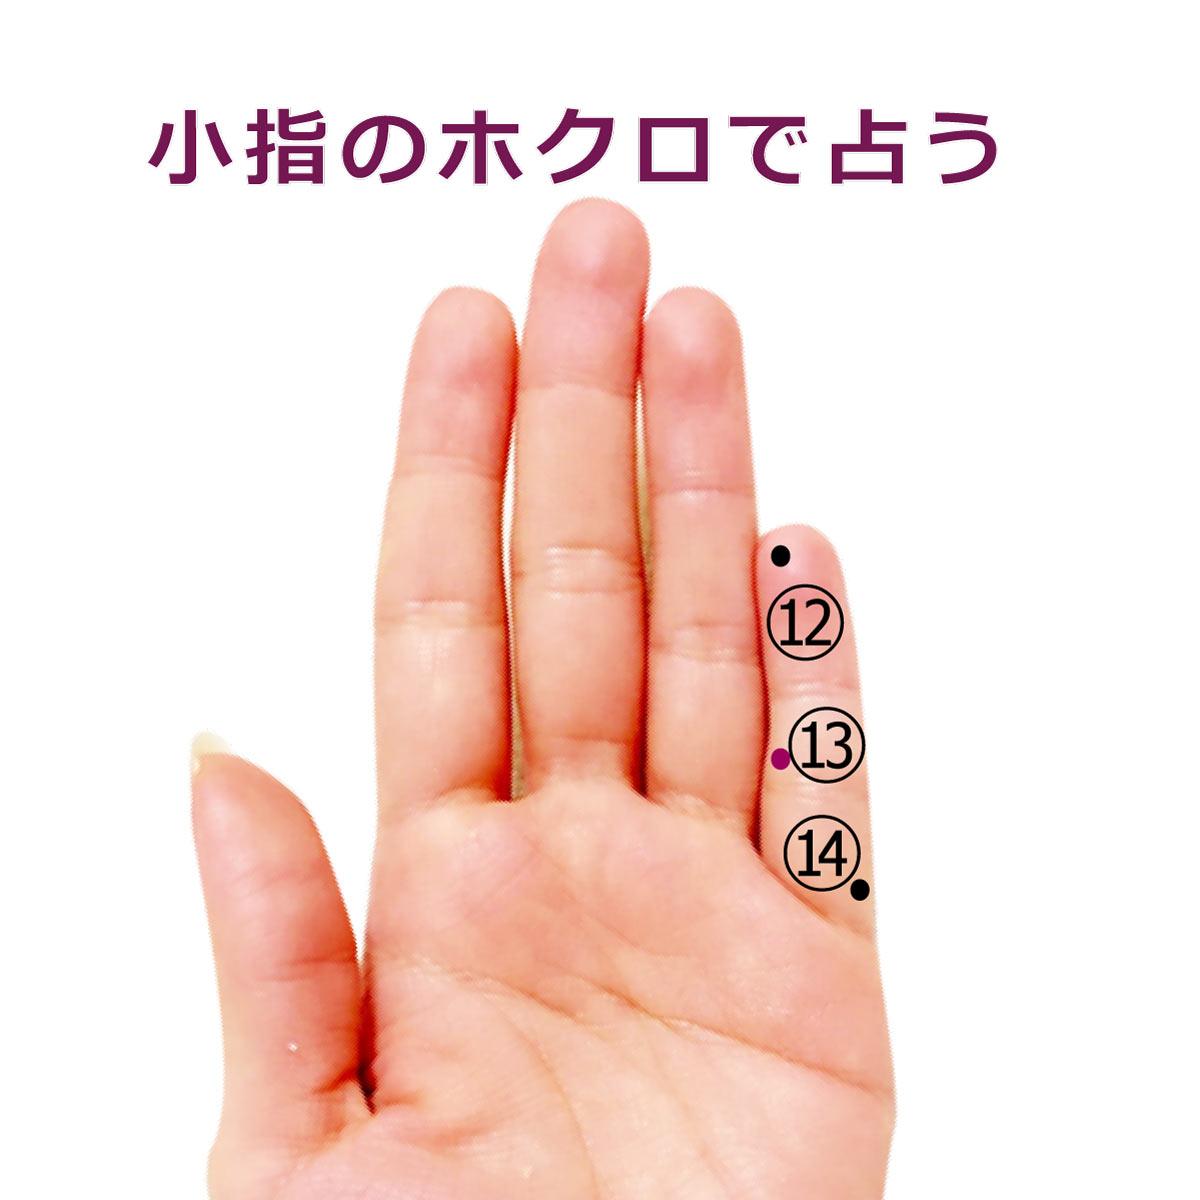 小指にホクロがある手相